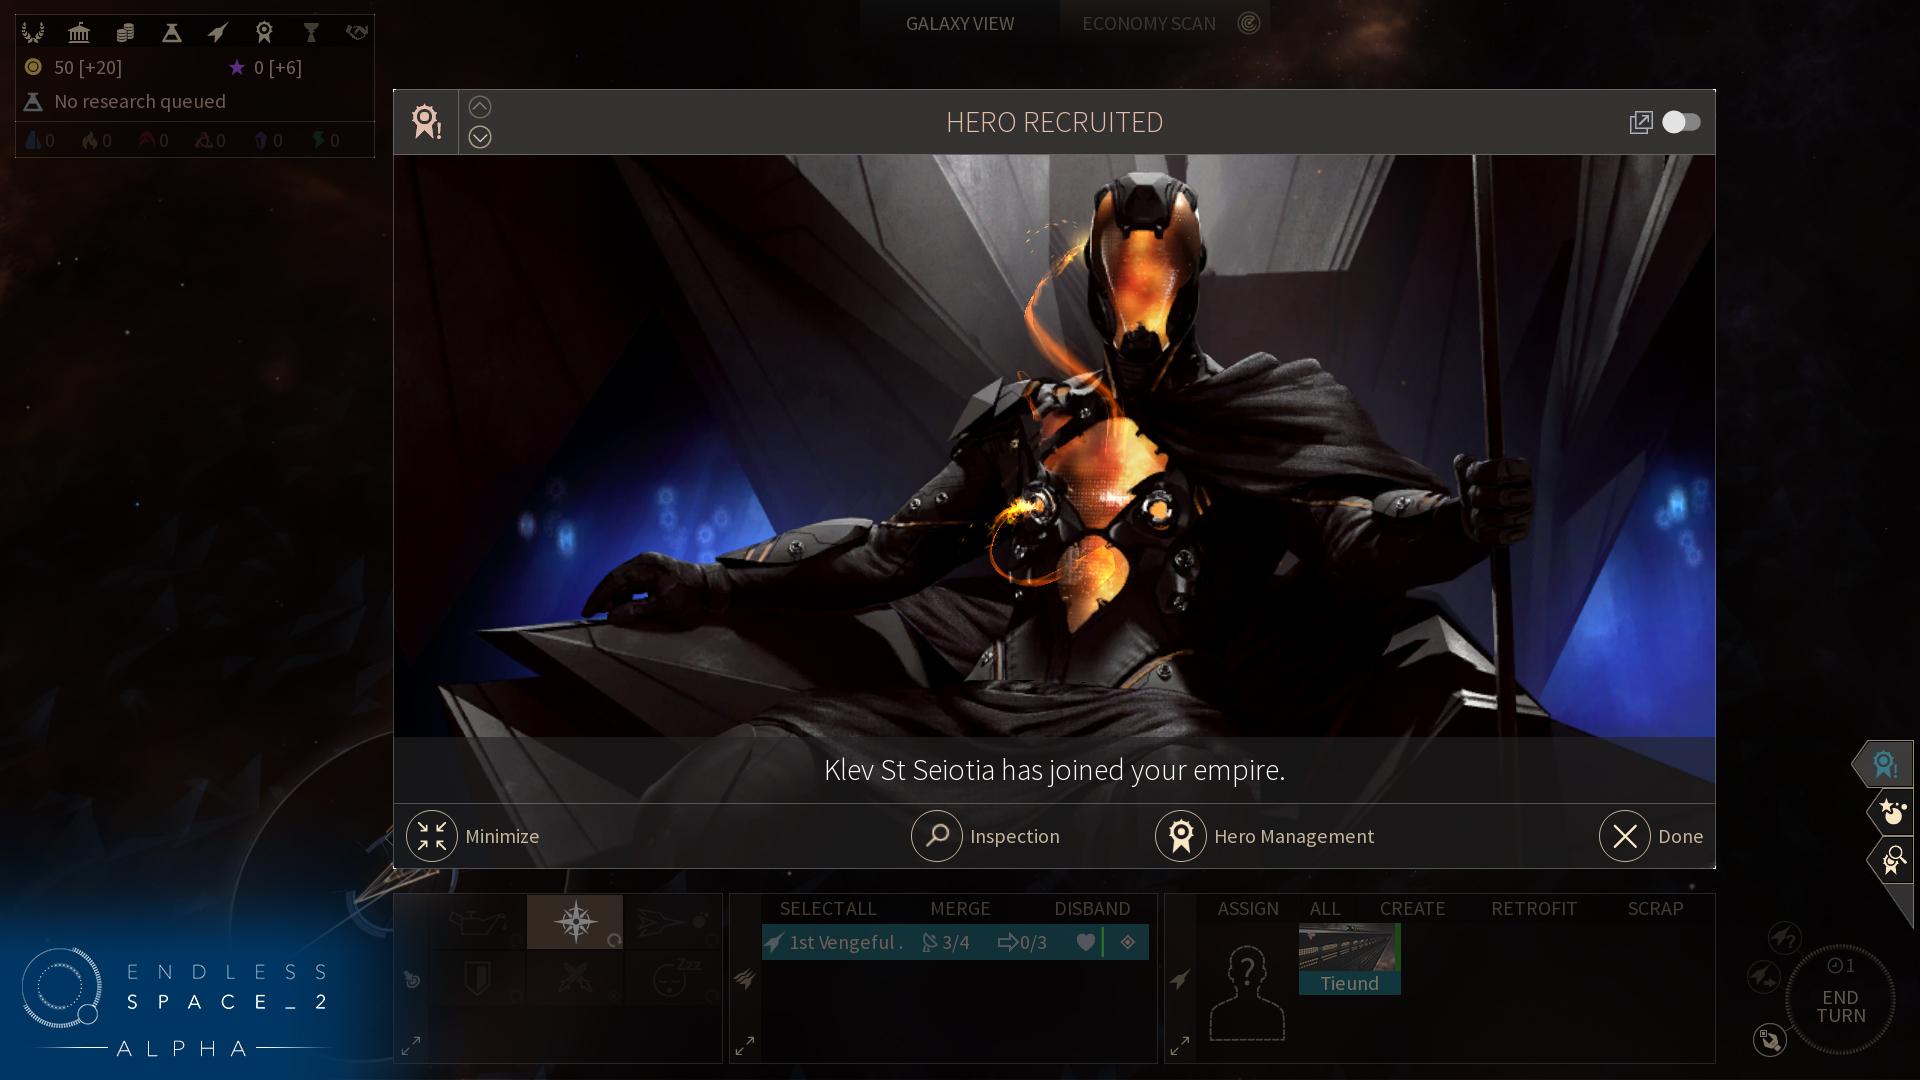 Endless Space 2 - Vodyani Hero.jpg